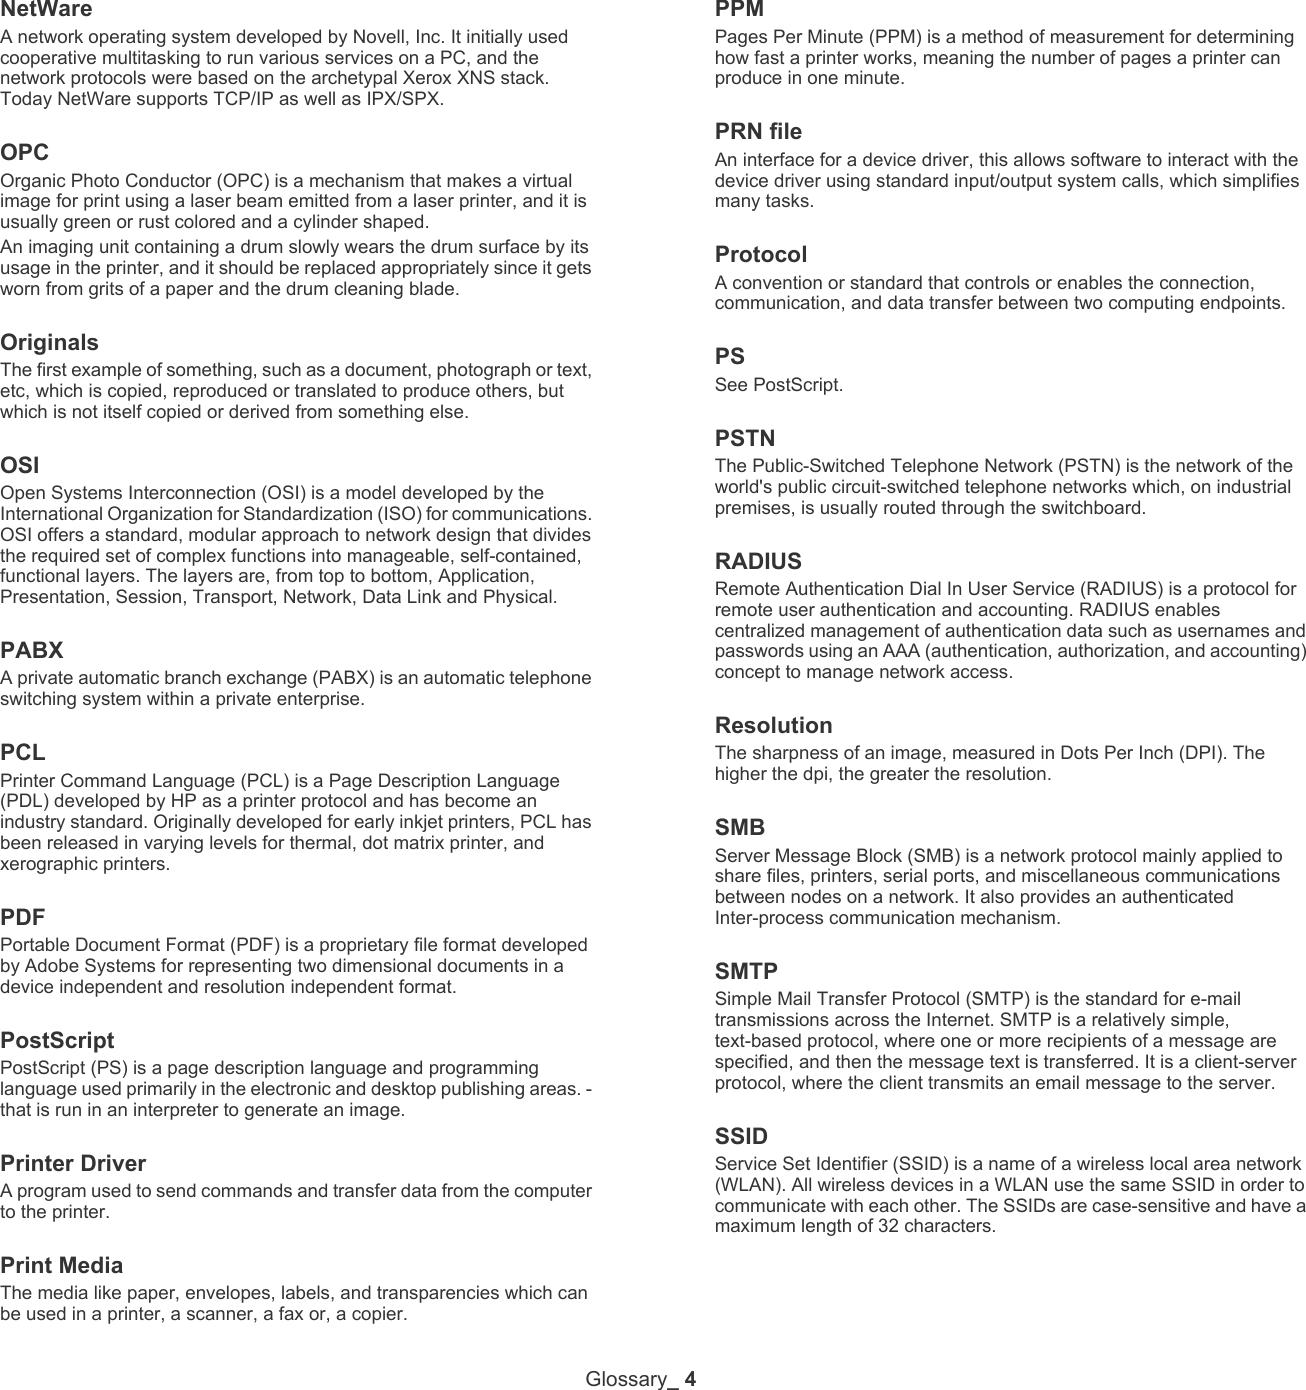 Samsung Clx 6220 Users Manual Del_toc__scx_6250_guide_english